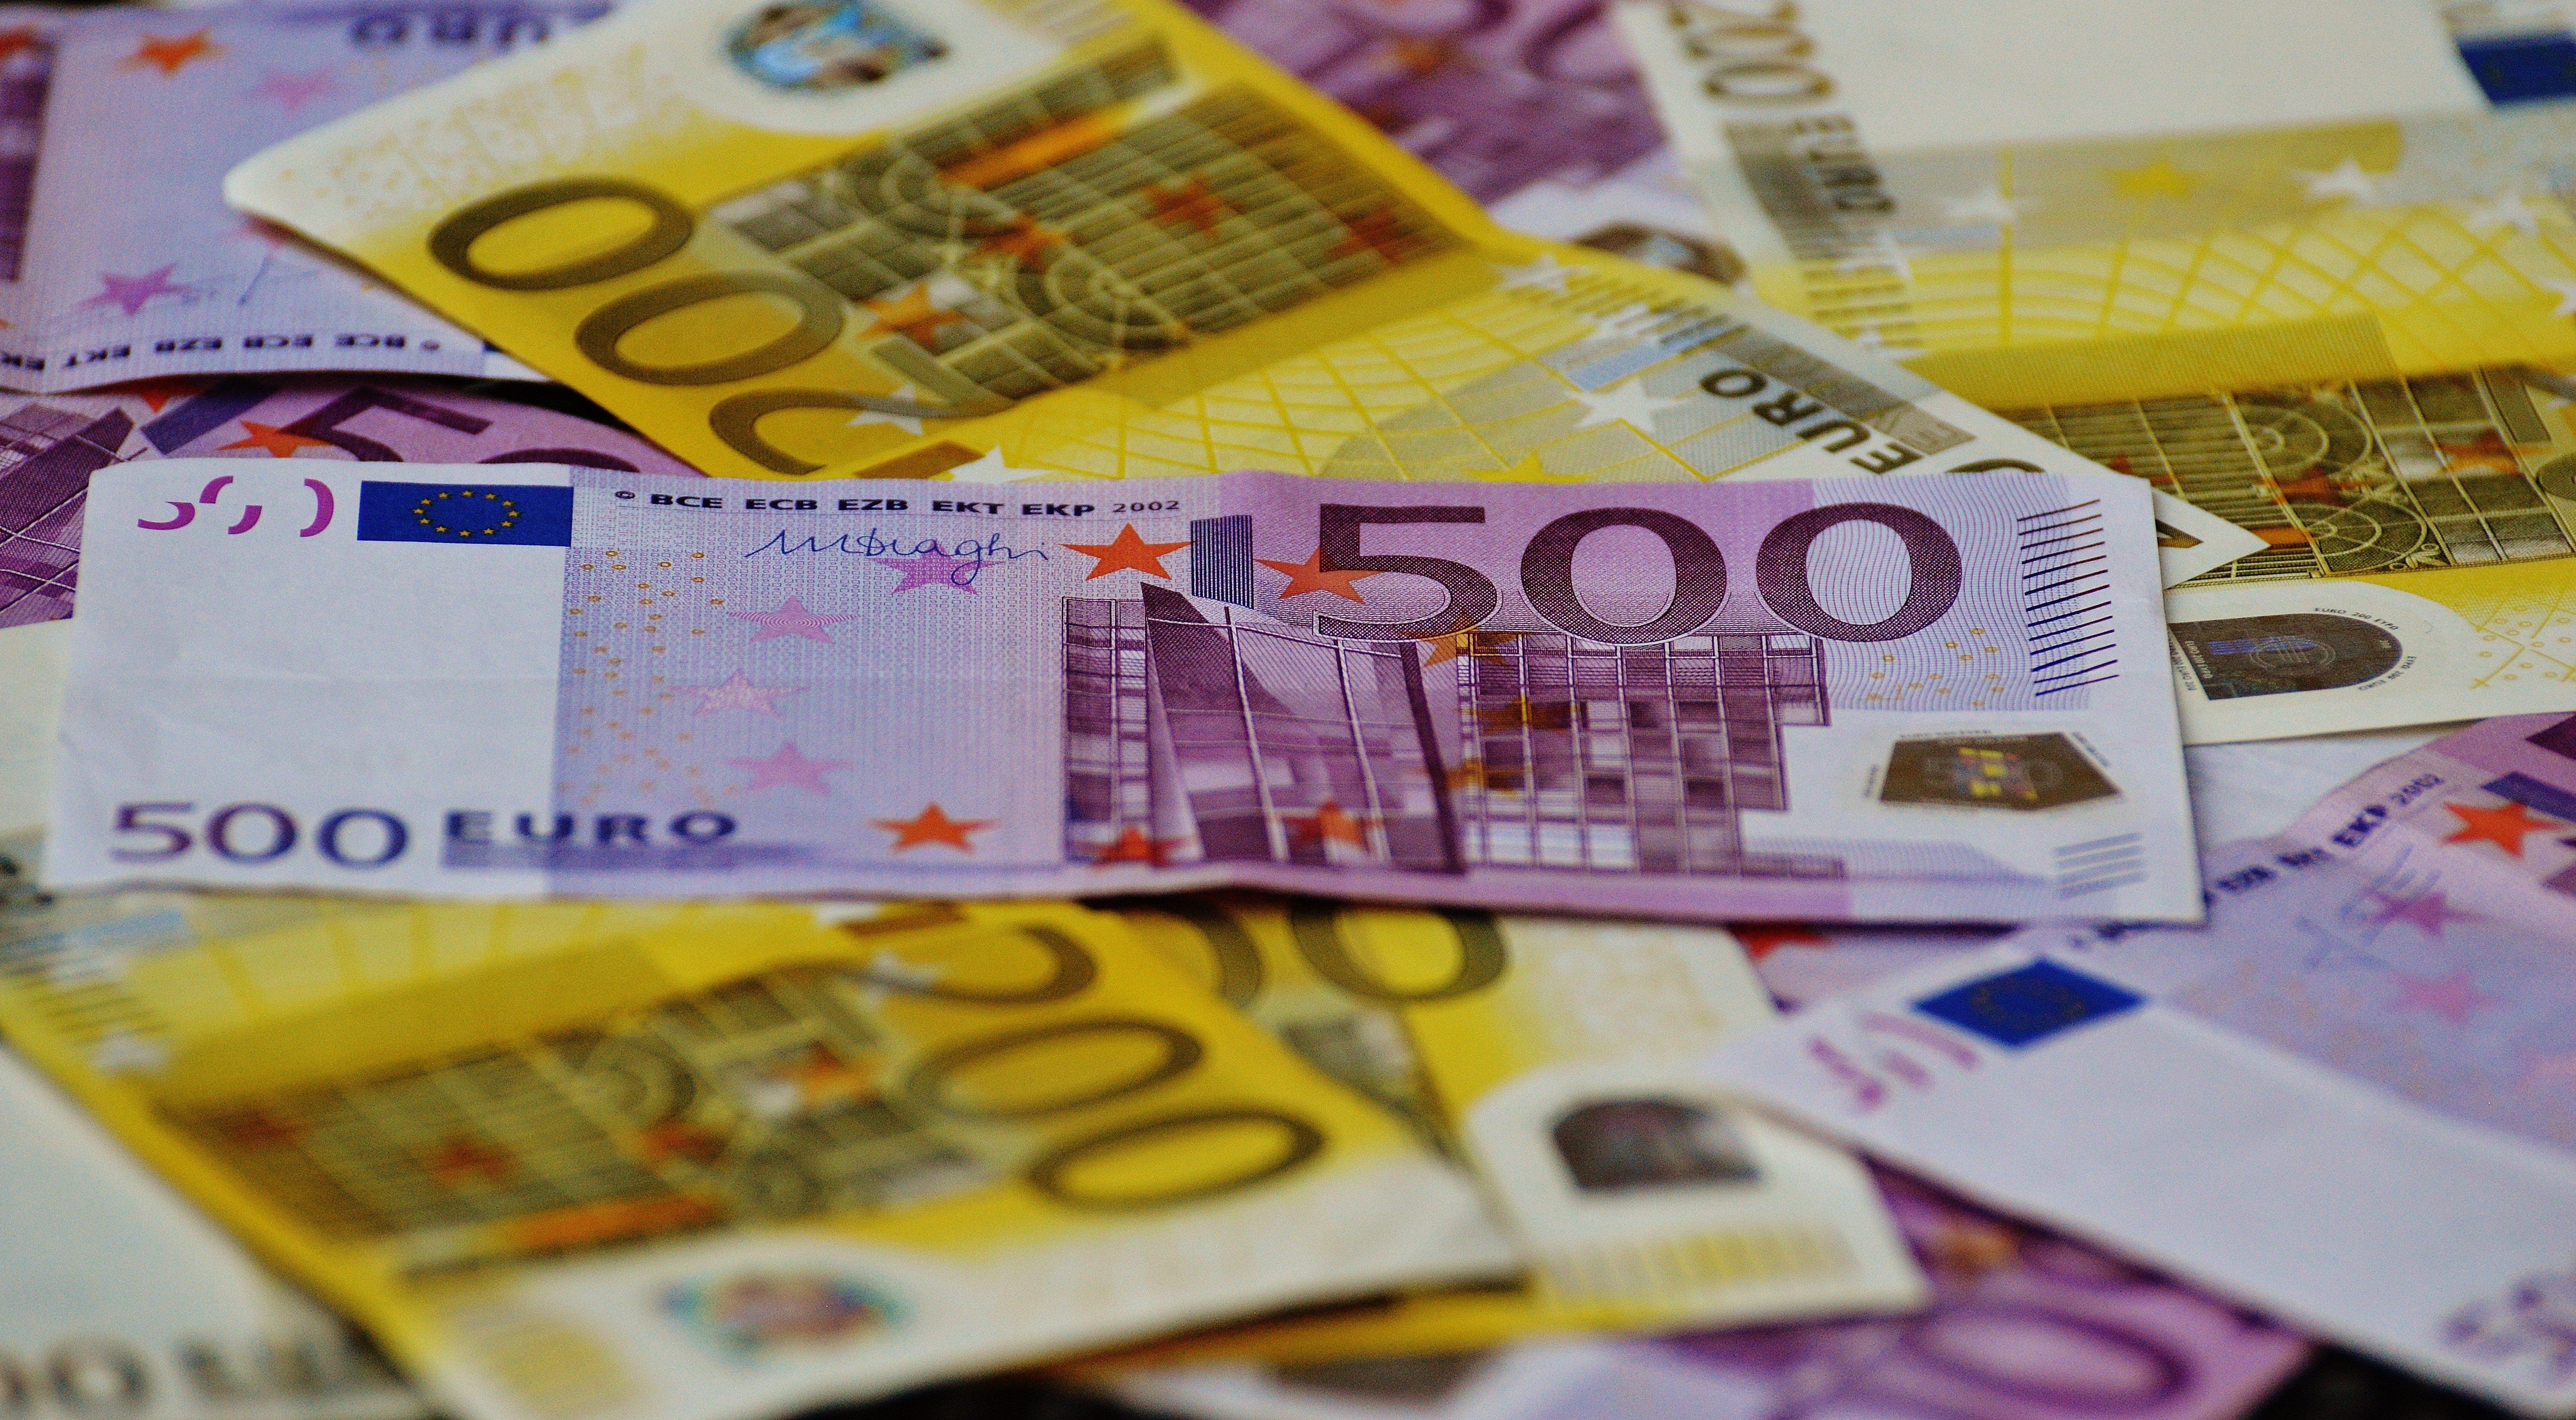 viele Euro Geldscheine mit hohen Werten